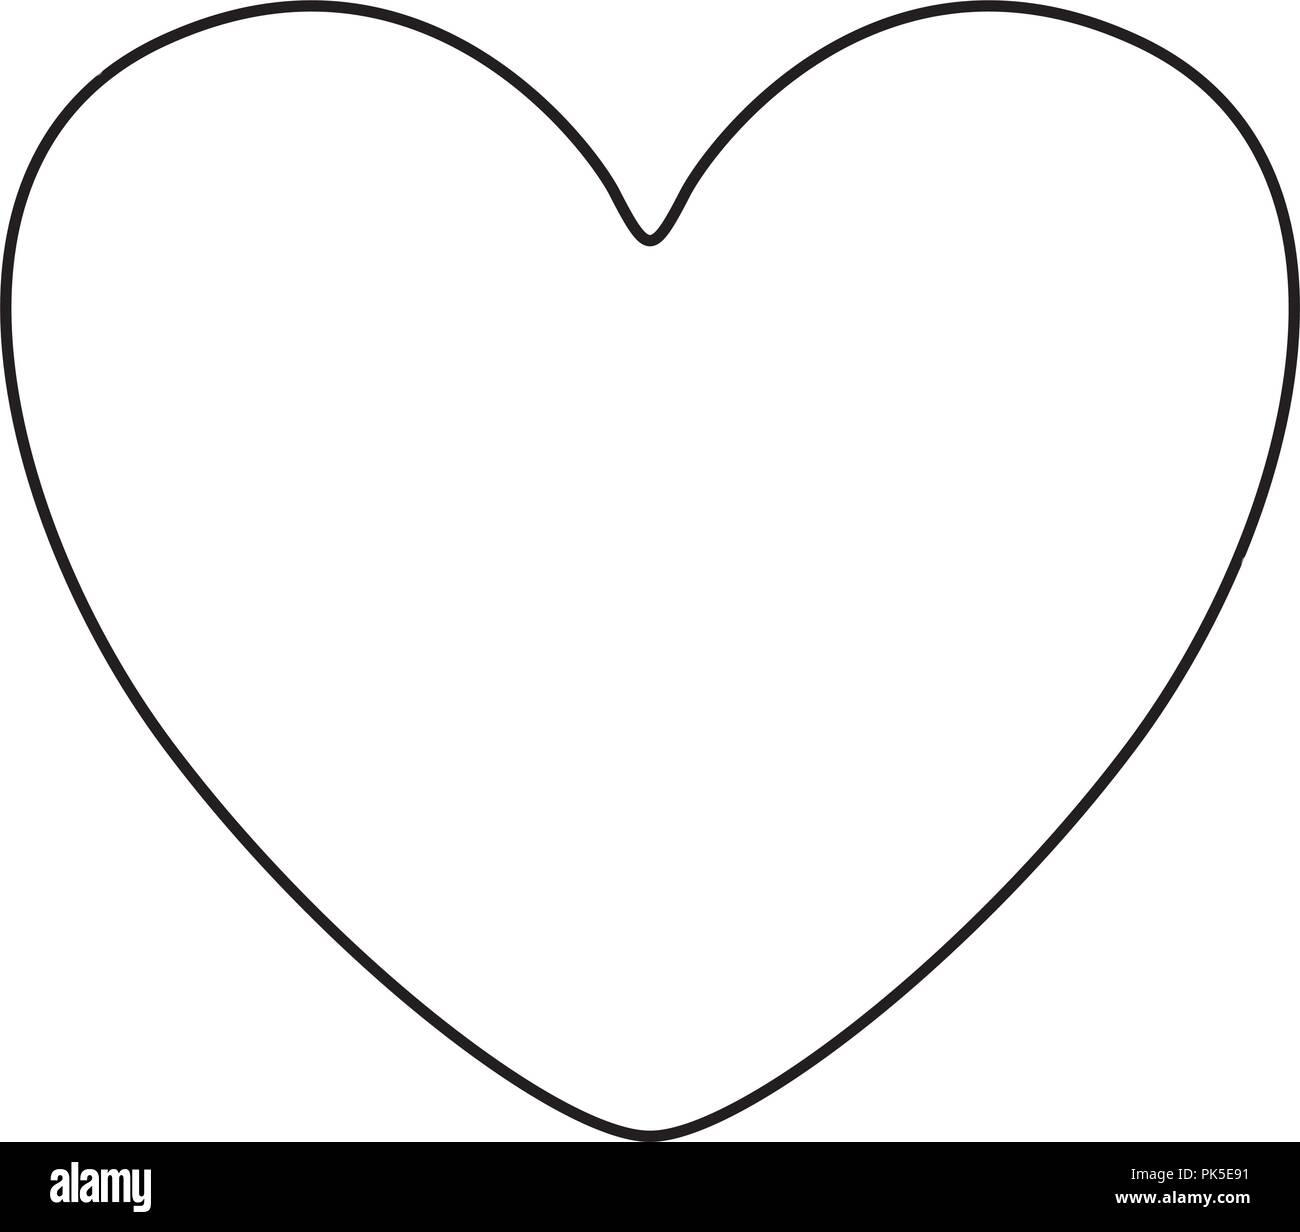 Isolierte Herz-Form-design Stockbild